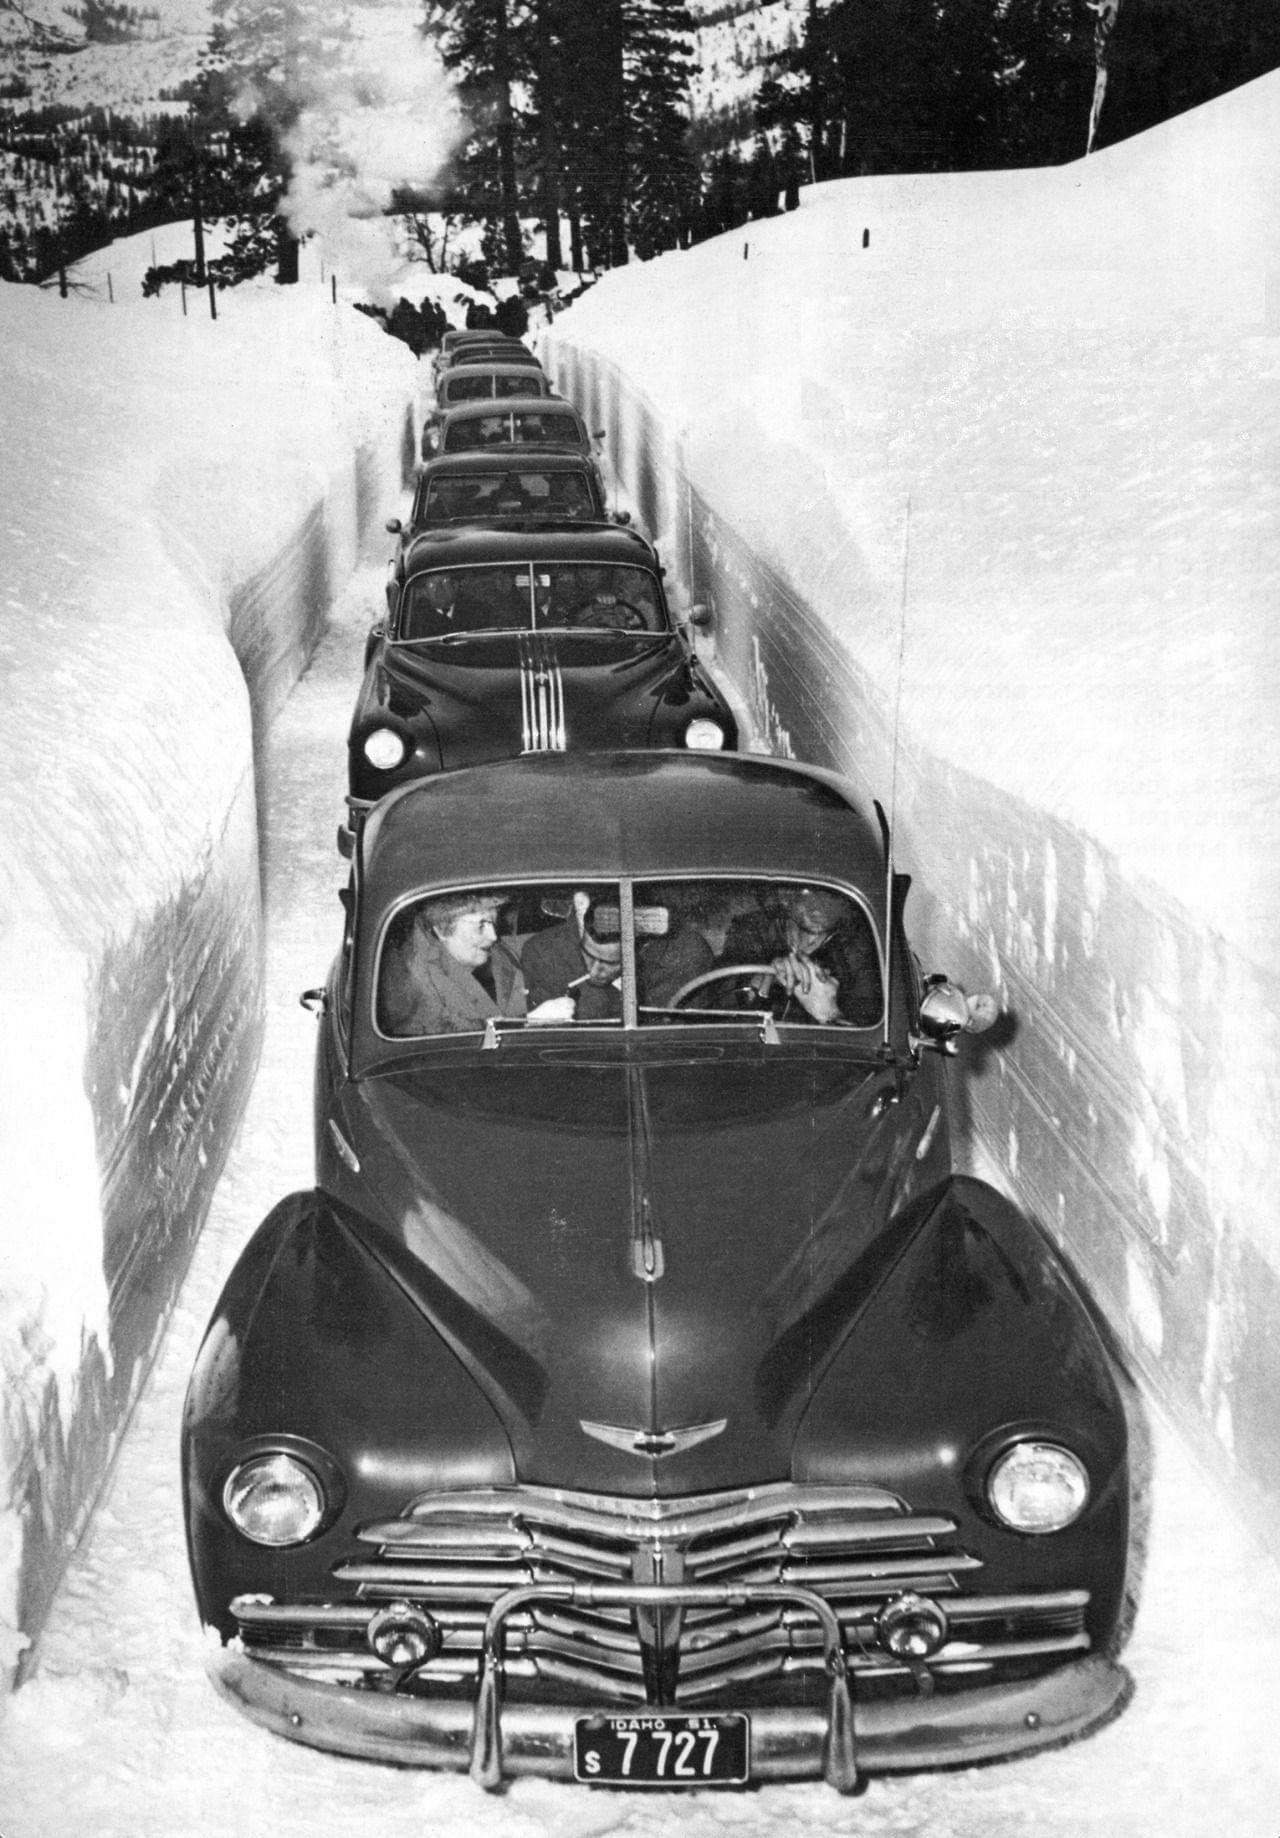 Зимнее автомобильное движение в Айдахо, 1952